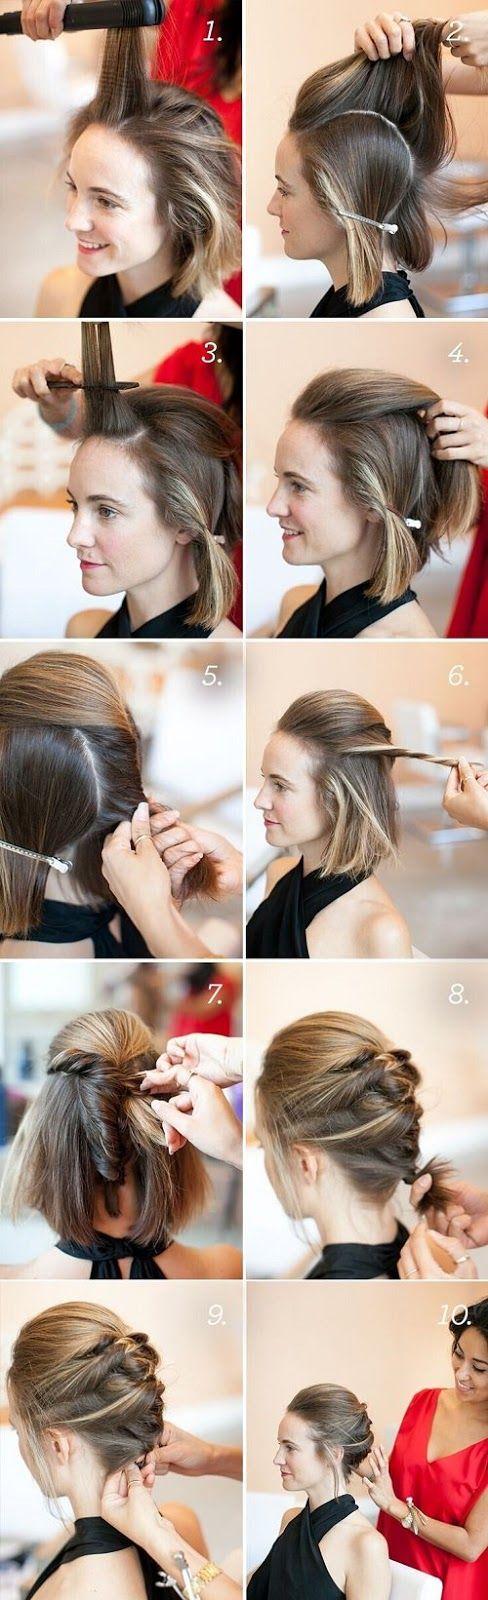 Idées coiffure soirée pour les fêtes de Noël rapides et